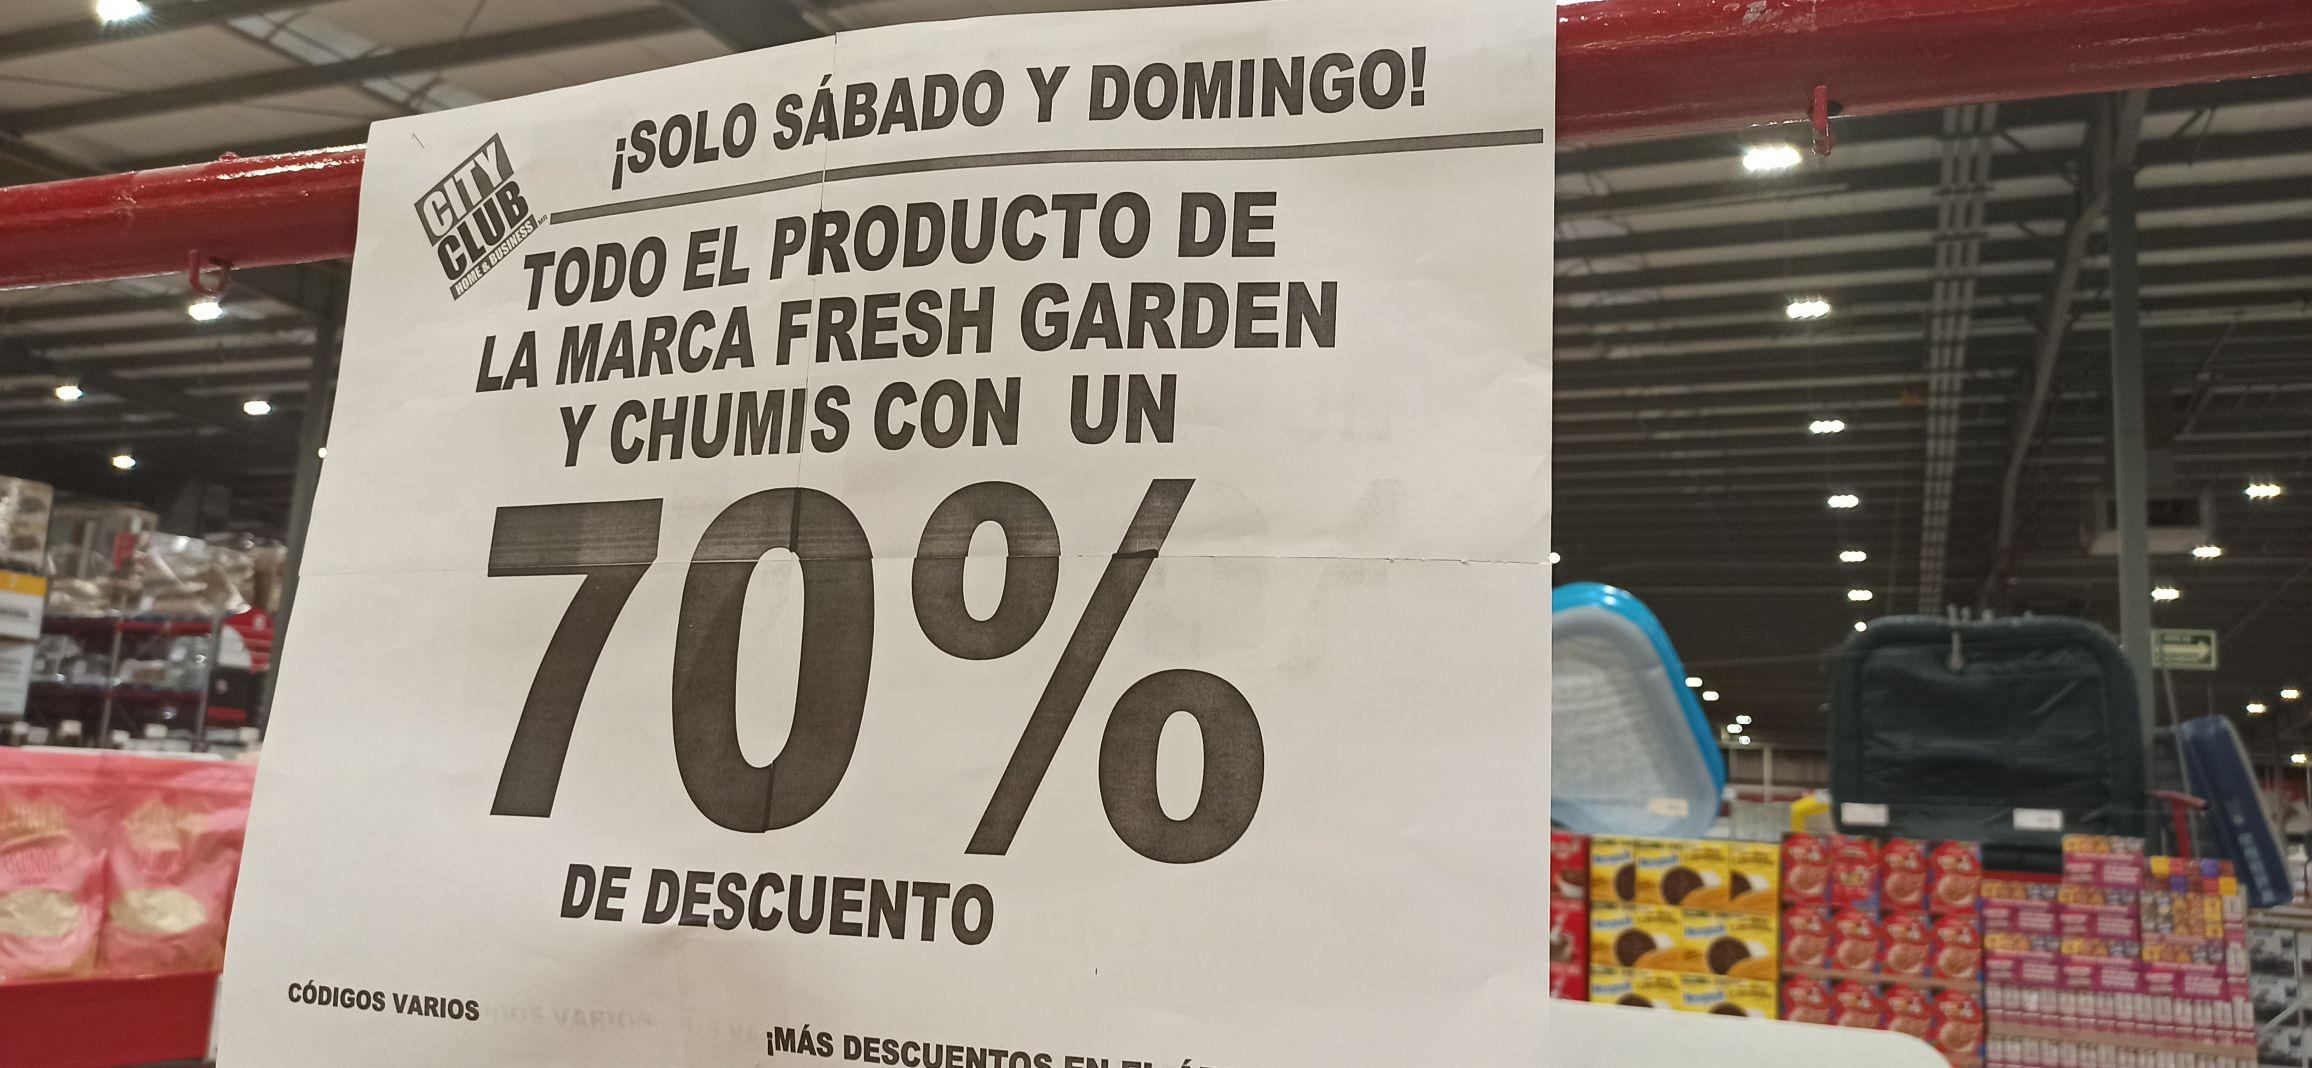 CityClub Torreón: 70% de descuento en la marca FRESH GARDEN y CHUMIS